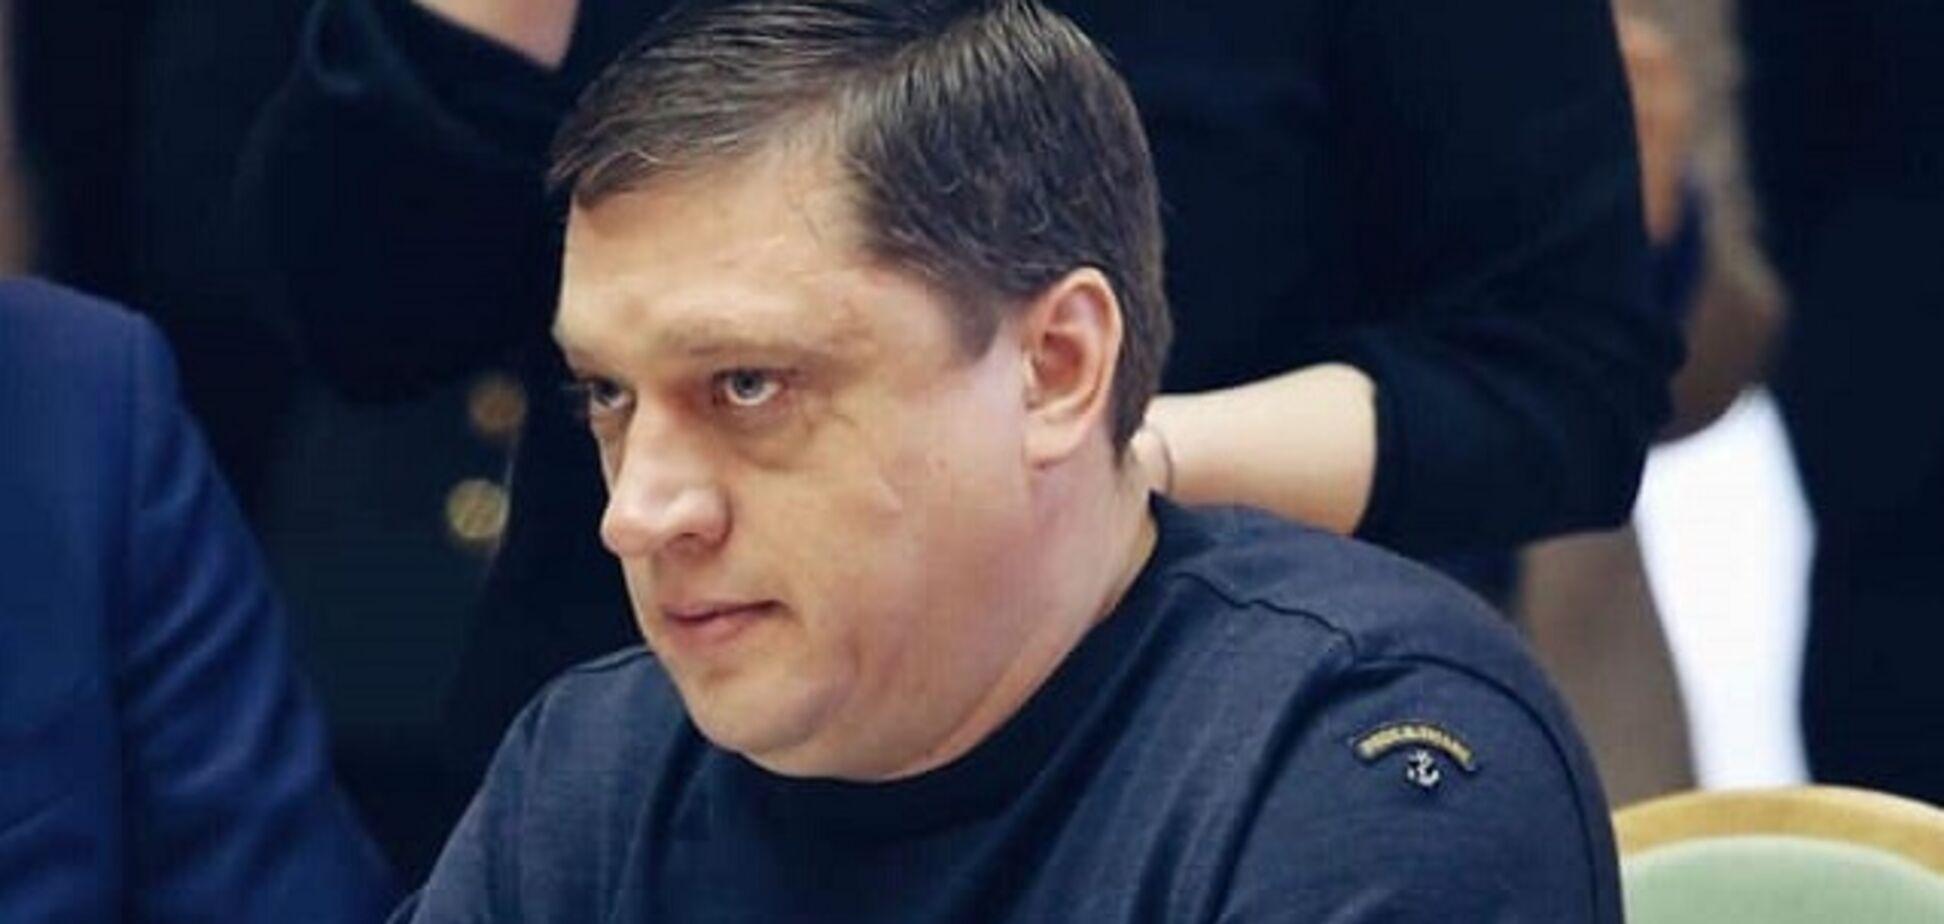 Іванісов зібрався на молитву до Трампа, чим розлютив Зеленського